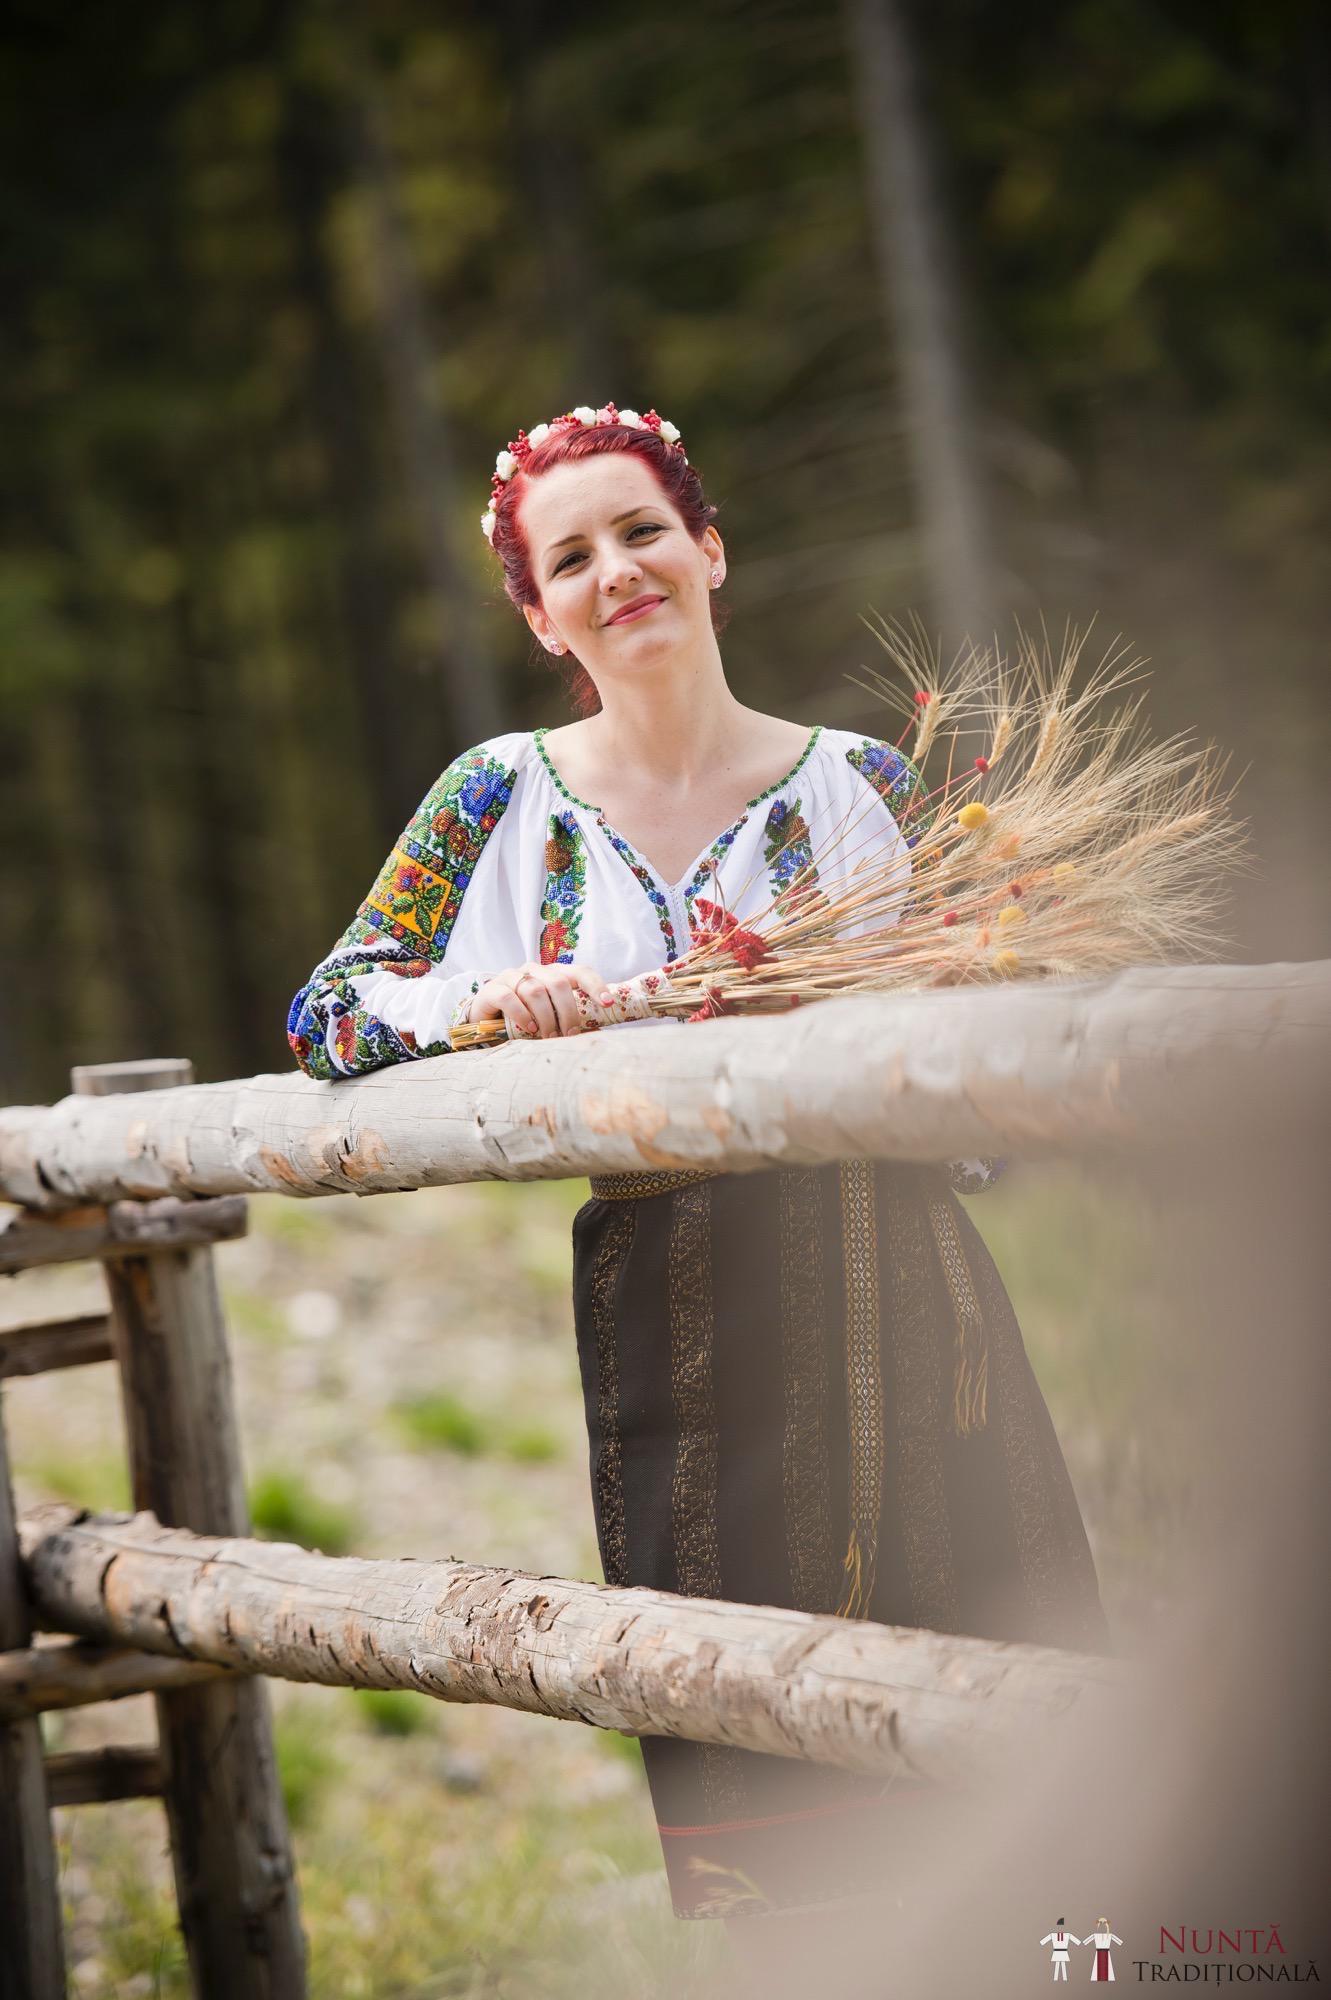 Povești Nunți Tradiționale - Gabriela și Mădălin - Nuntă Tradițională în Suceava, Bucovina 31